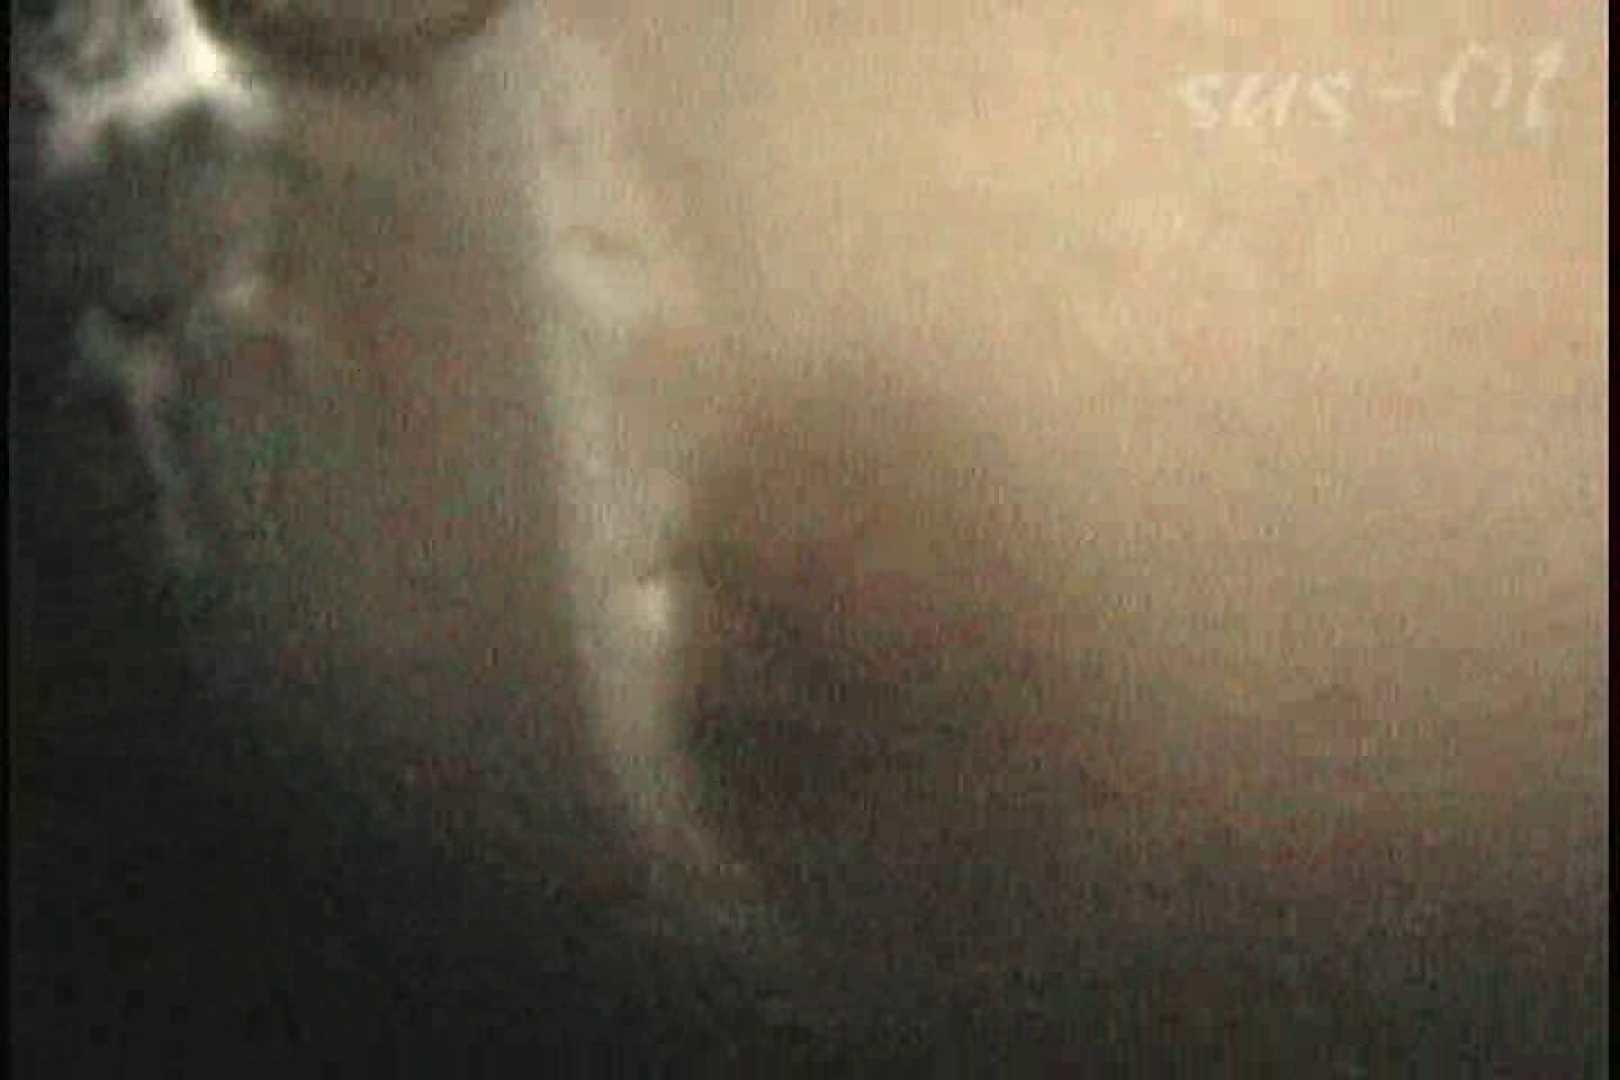 サターンさんのウル技炸裂!!夏乙女★海の家シャワー室絵巻 Vol.01 シャワー  92PIX 9